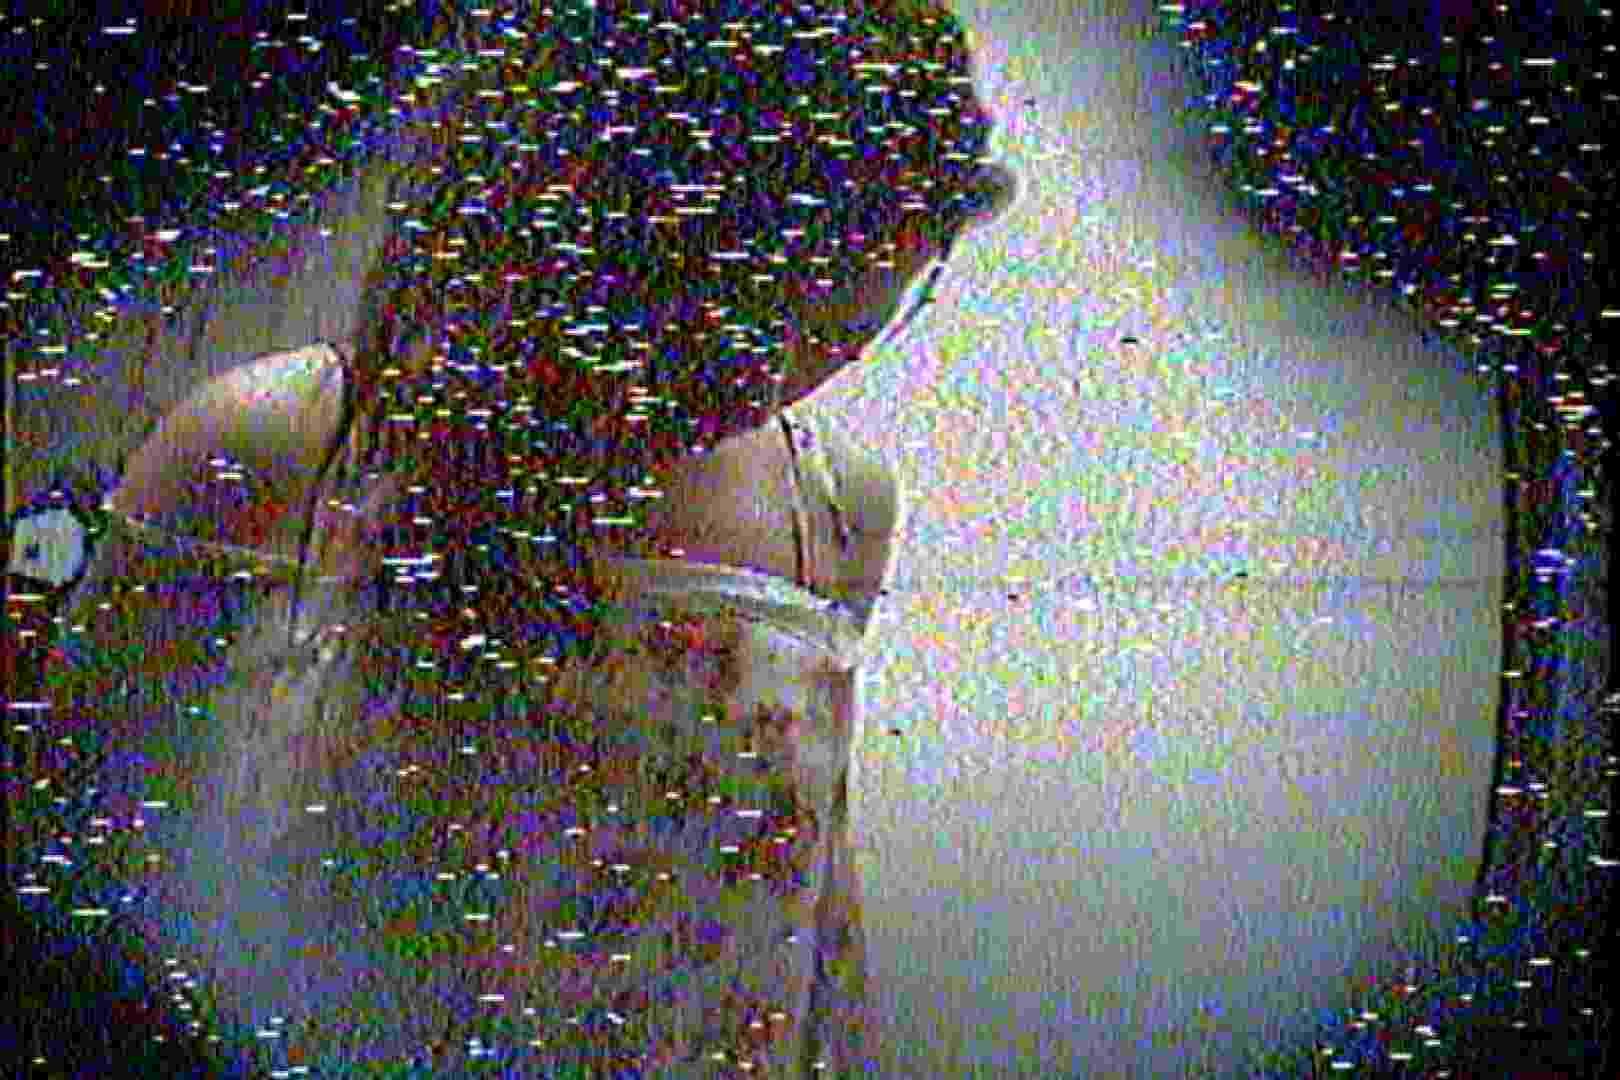 海の家の更衣室 Vol.21 美女達のヌード   シャワー中  89連発 13